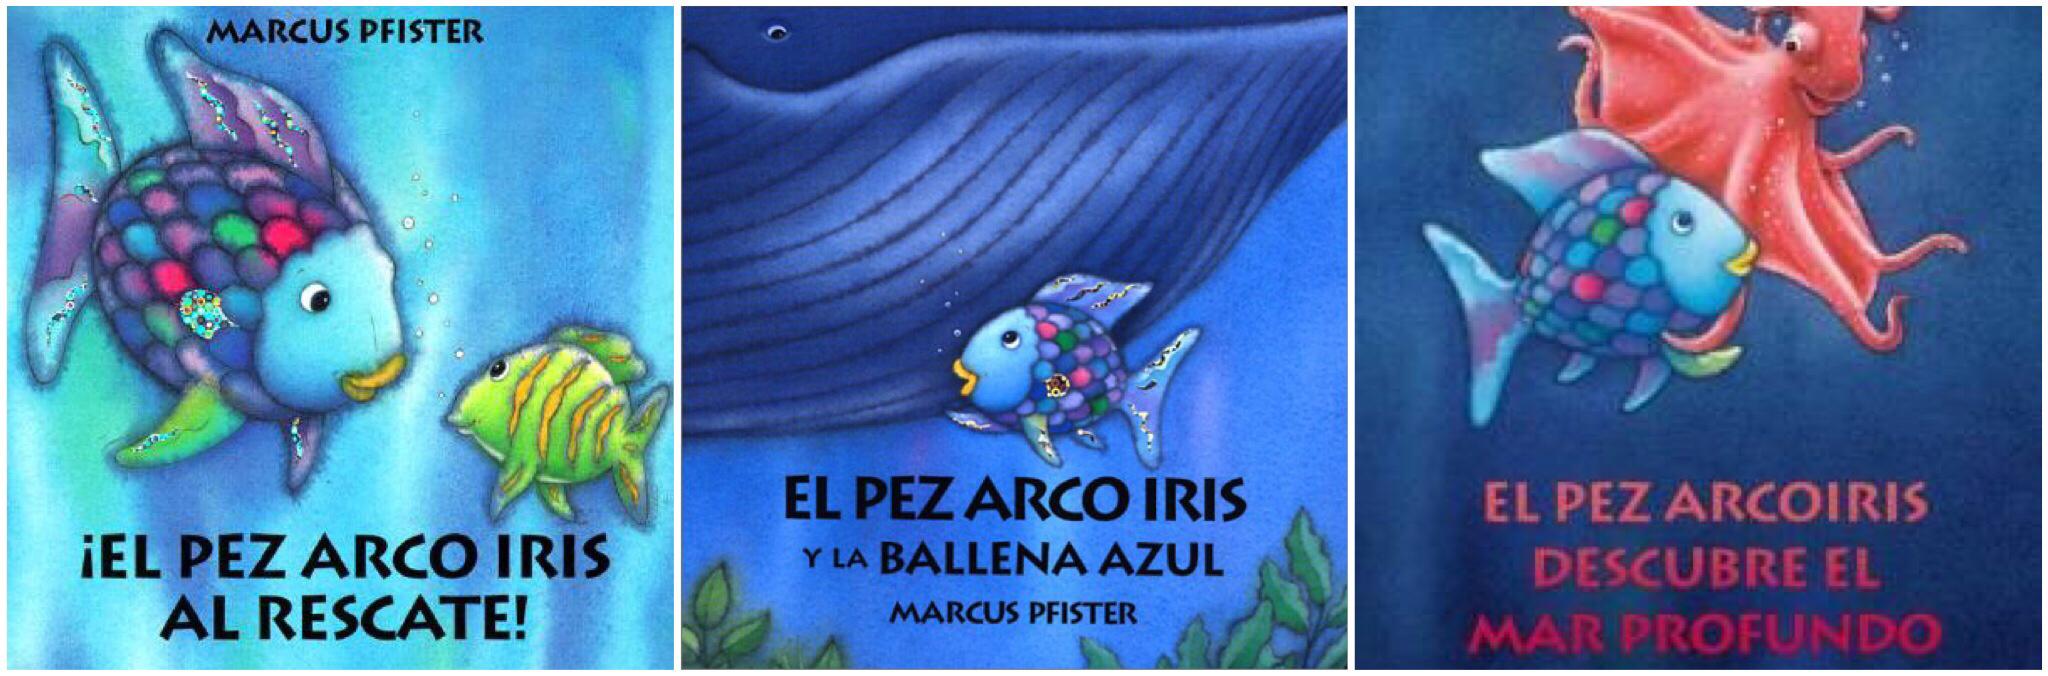 Excepcional Colorante De Peces Imágenes - Dibujos Para Colorear En ...